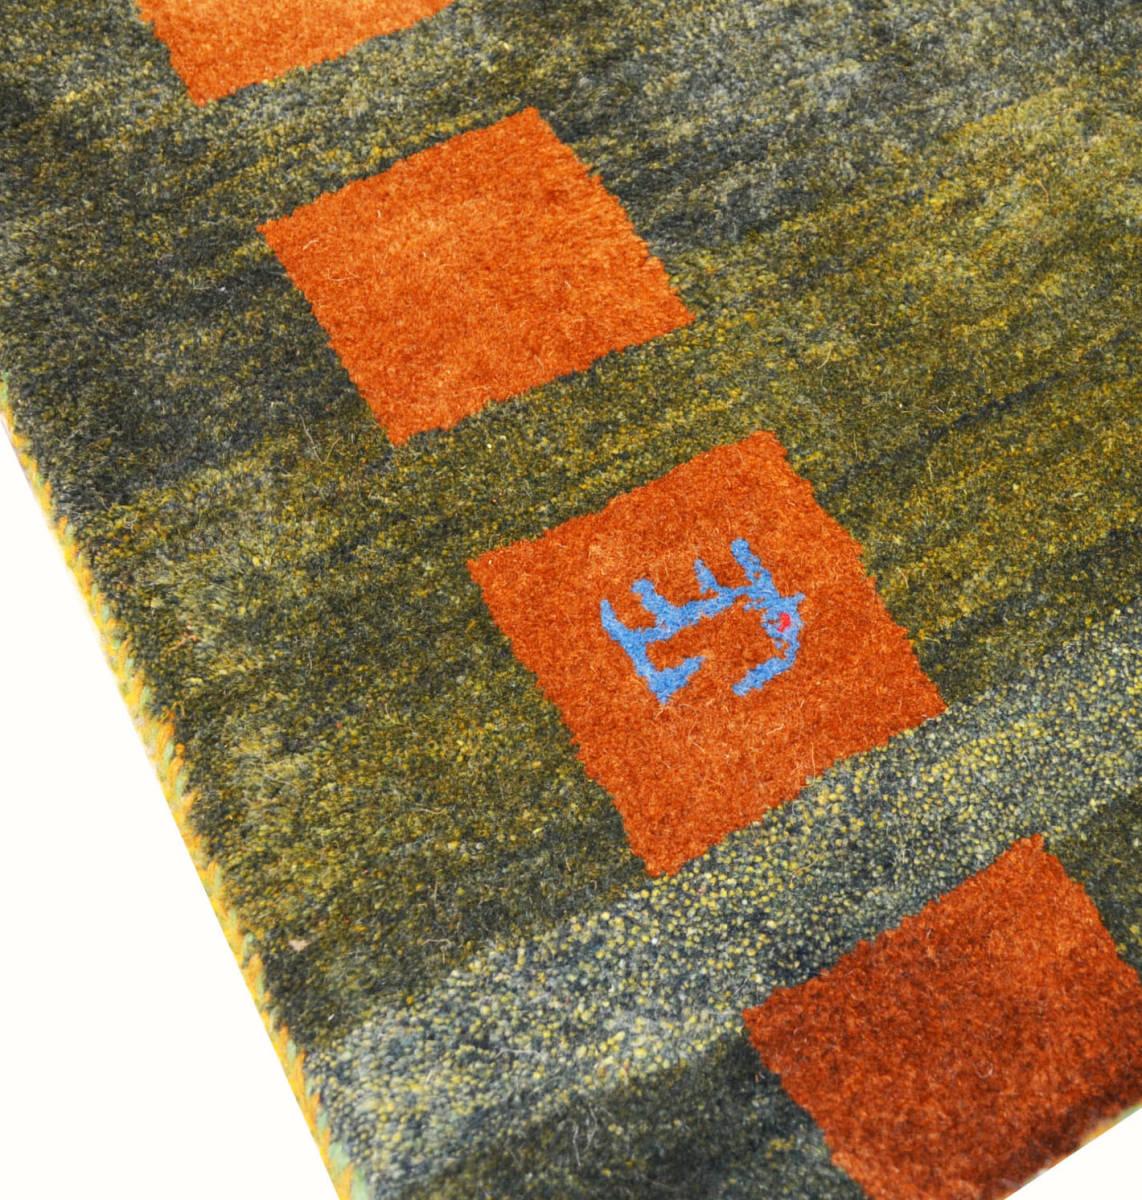 ◆ペルシャギャッベ◆手織り手紡ぎ◆GABBEHギャッベ◆カーペット◆イラン◆ペルシャ絨毯◆リビングサイズビッグ 148cmx198cm LV854_画像2